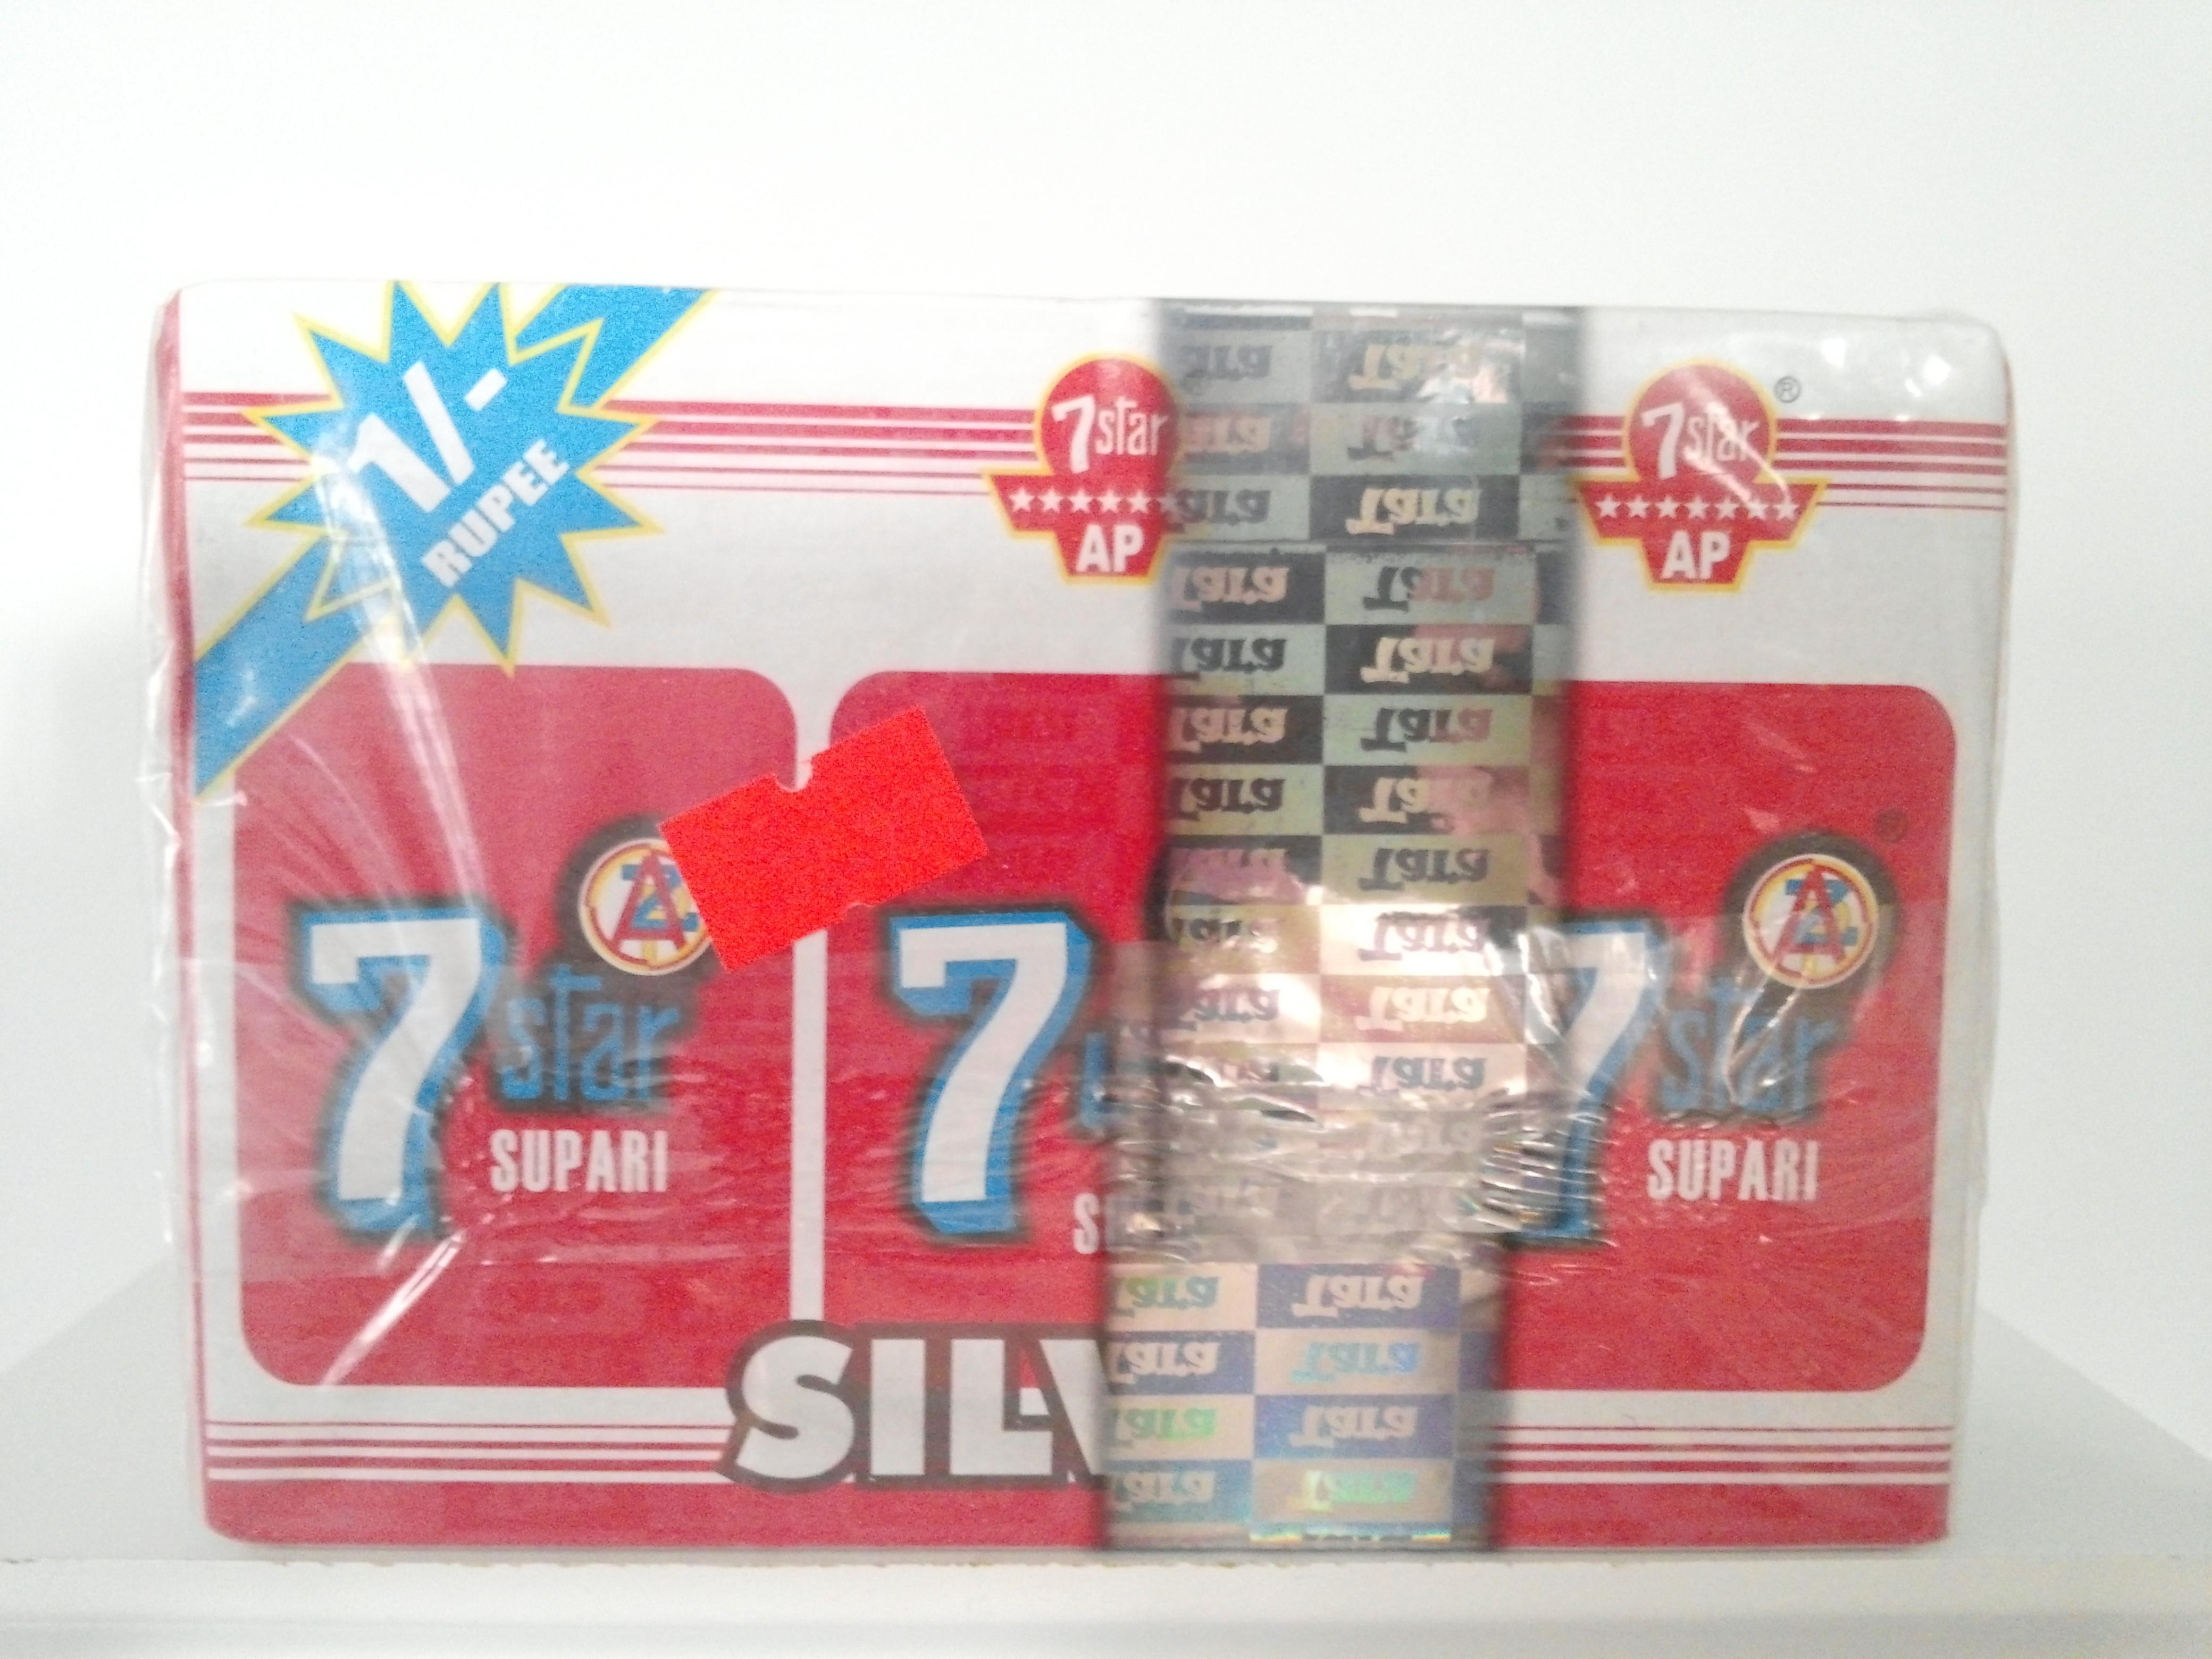 7 Star Supari 48 Pack